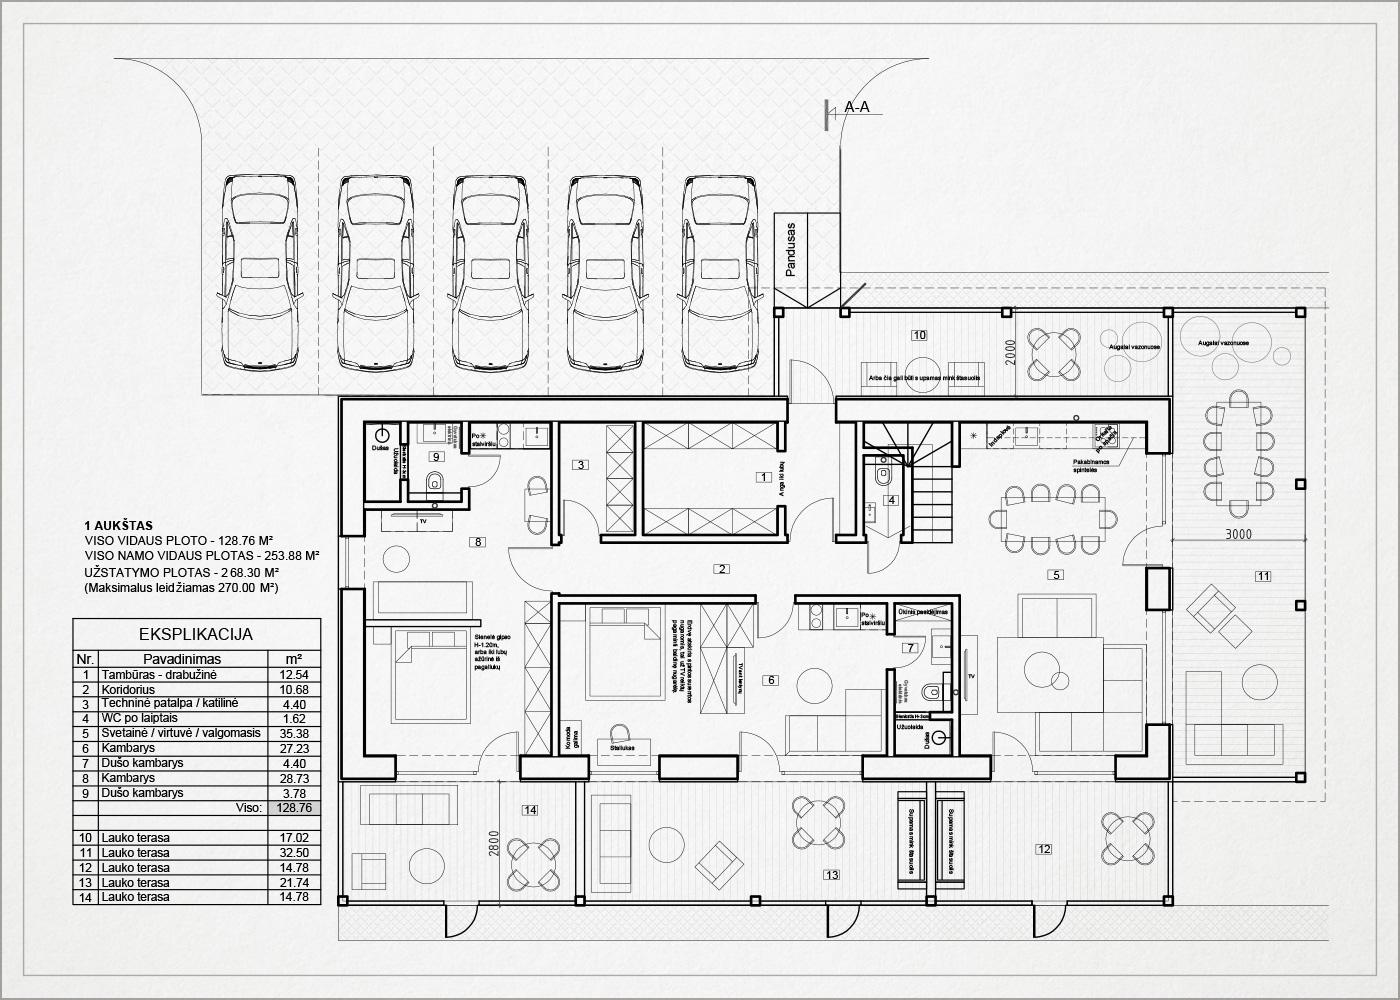 1 auksto architekturinis planas - namas kalnenuose